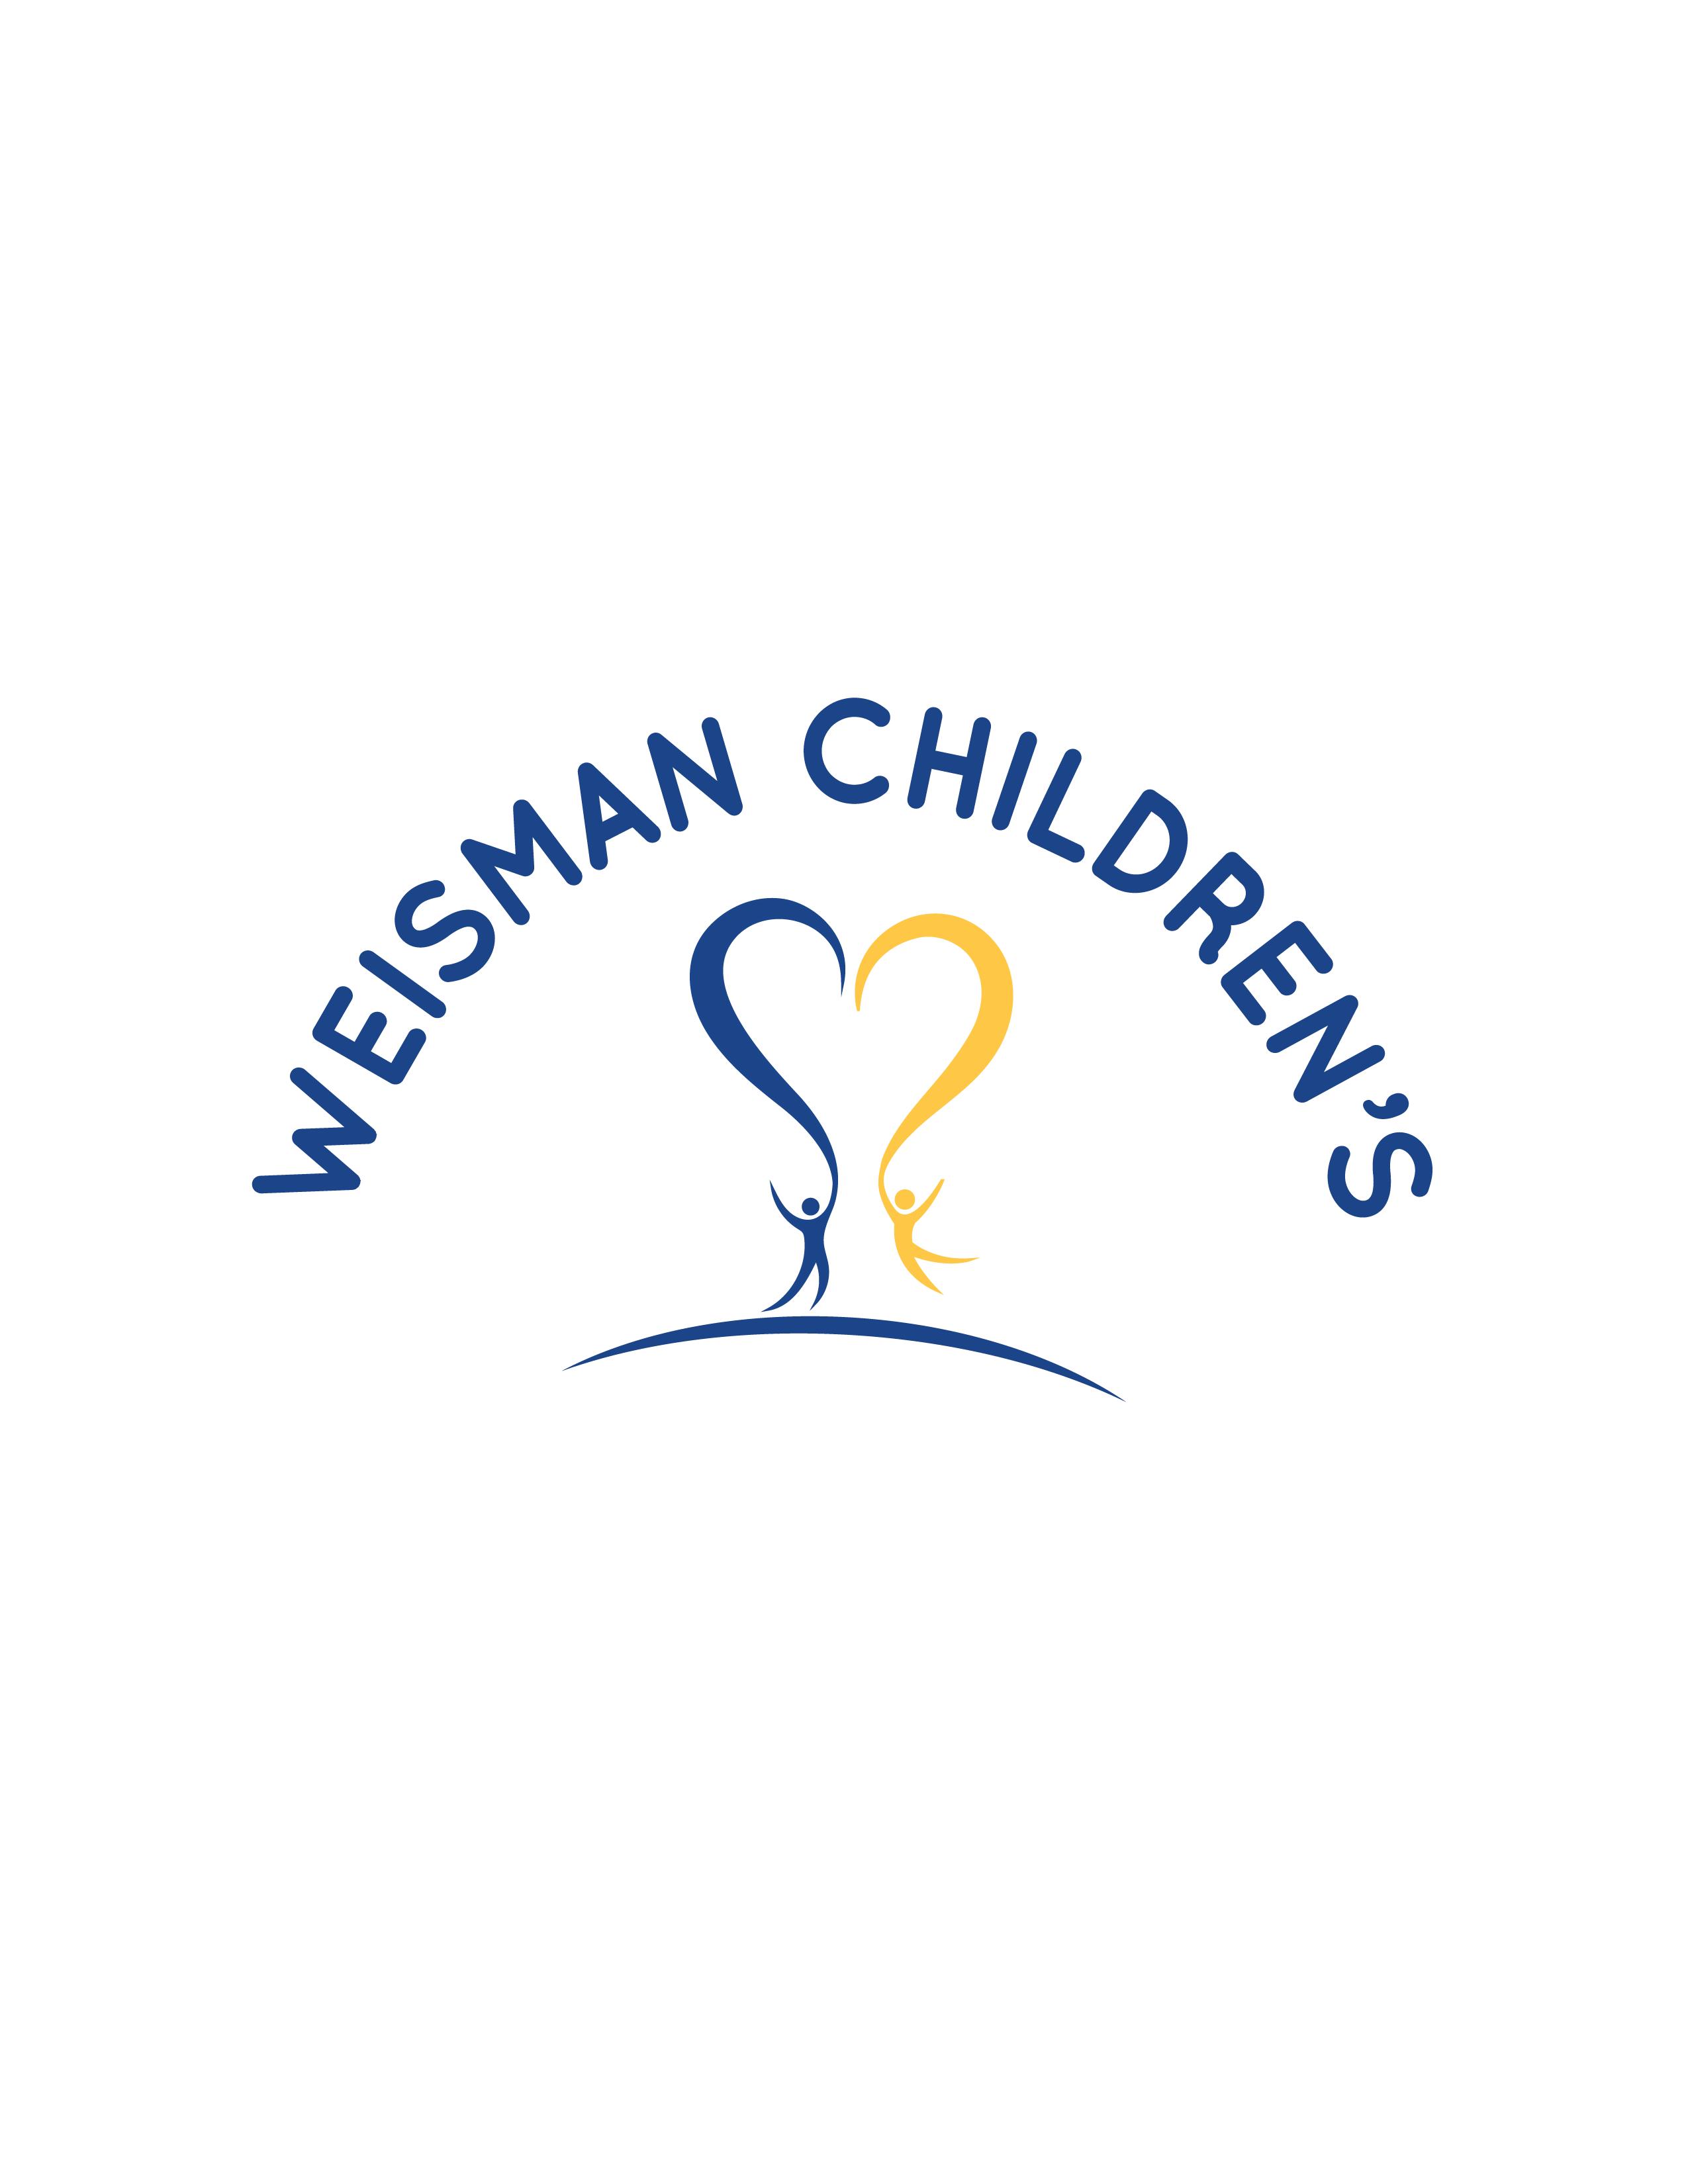 Weisman Children's